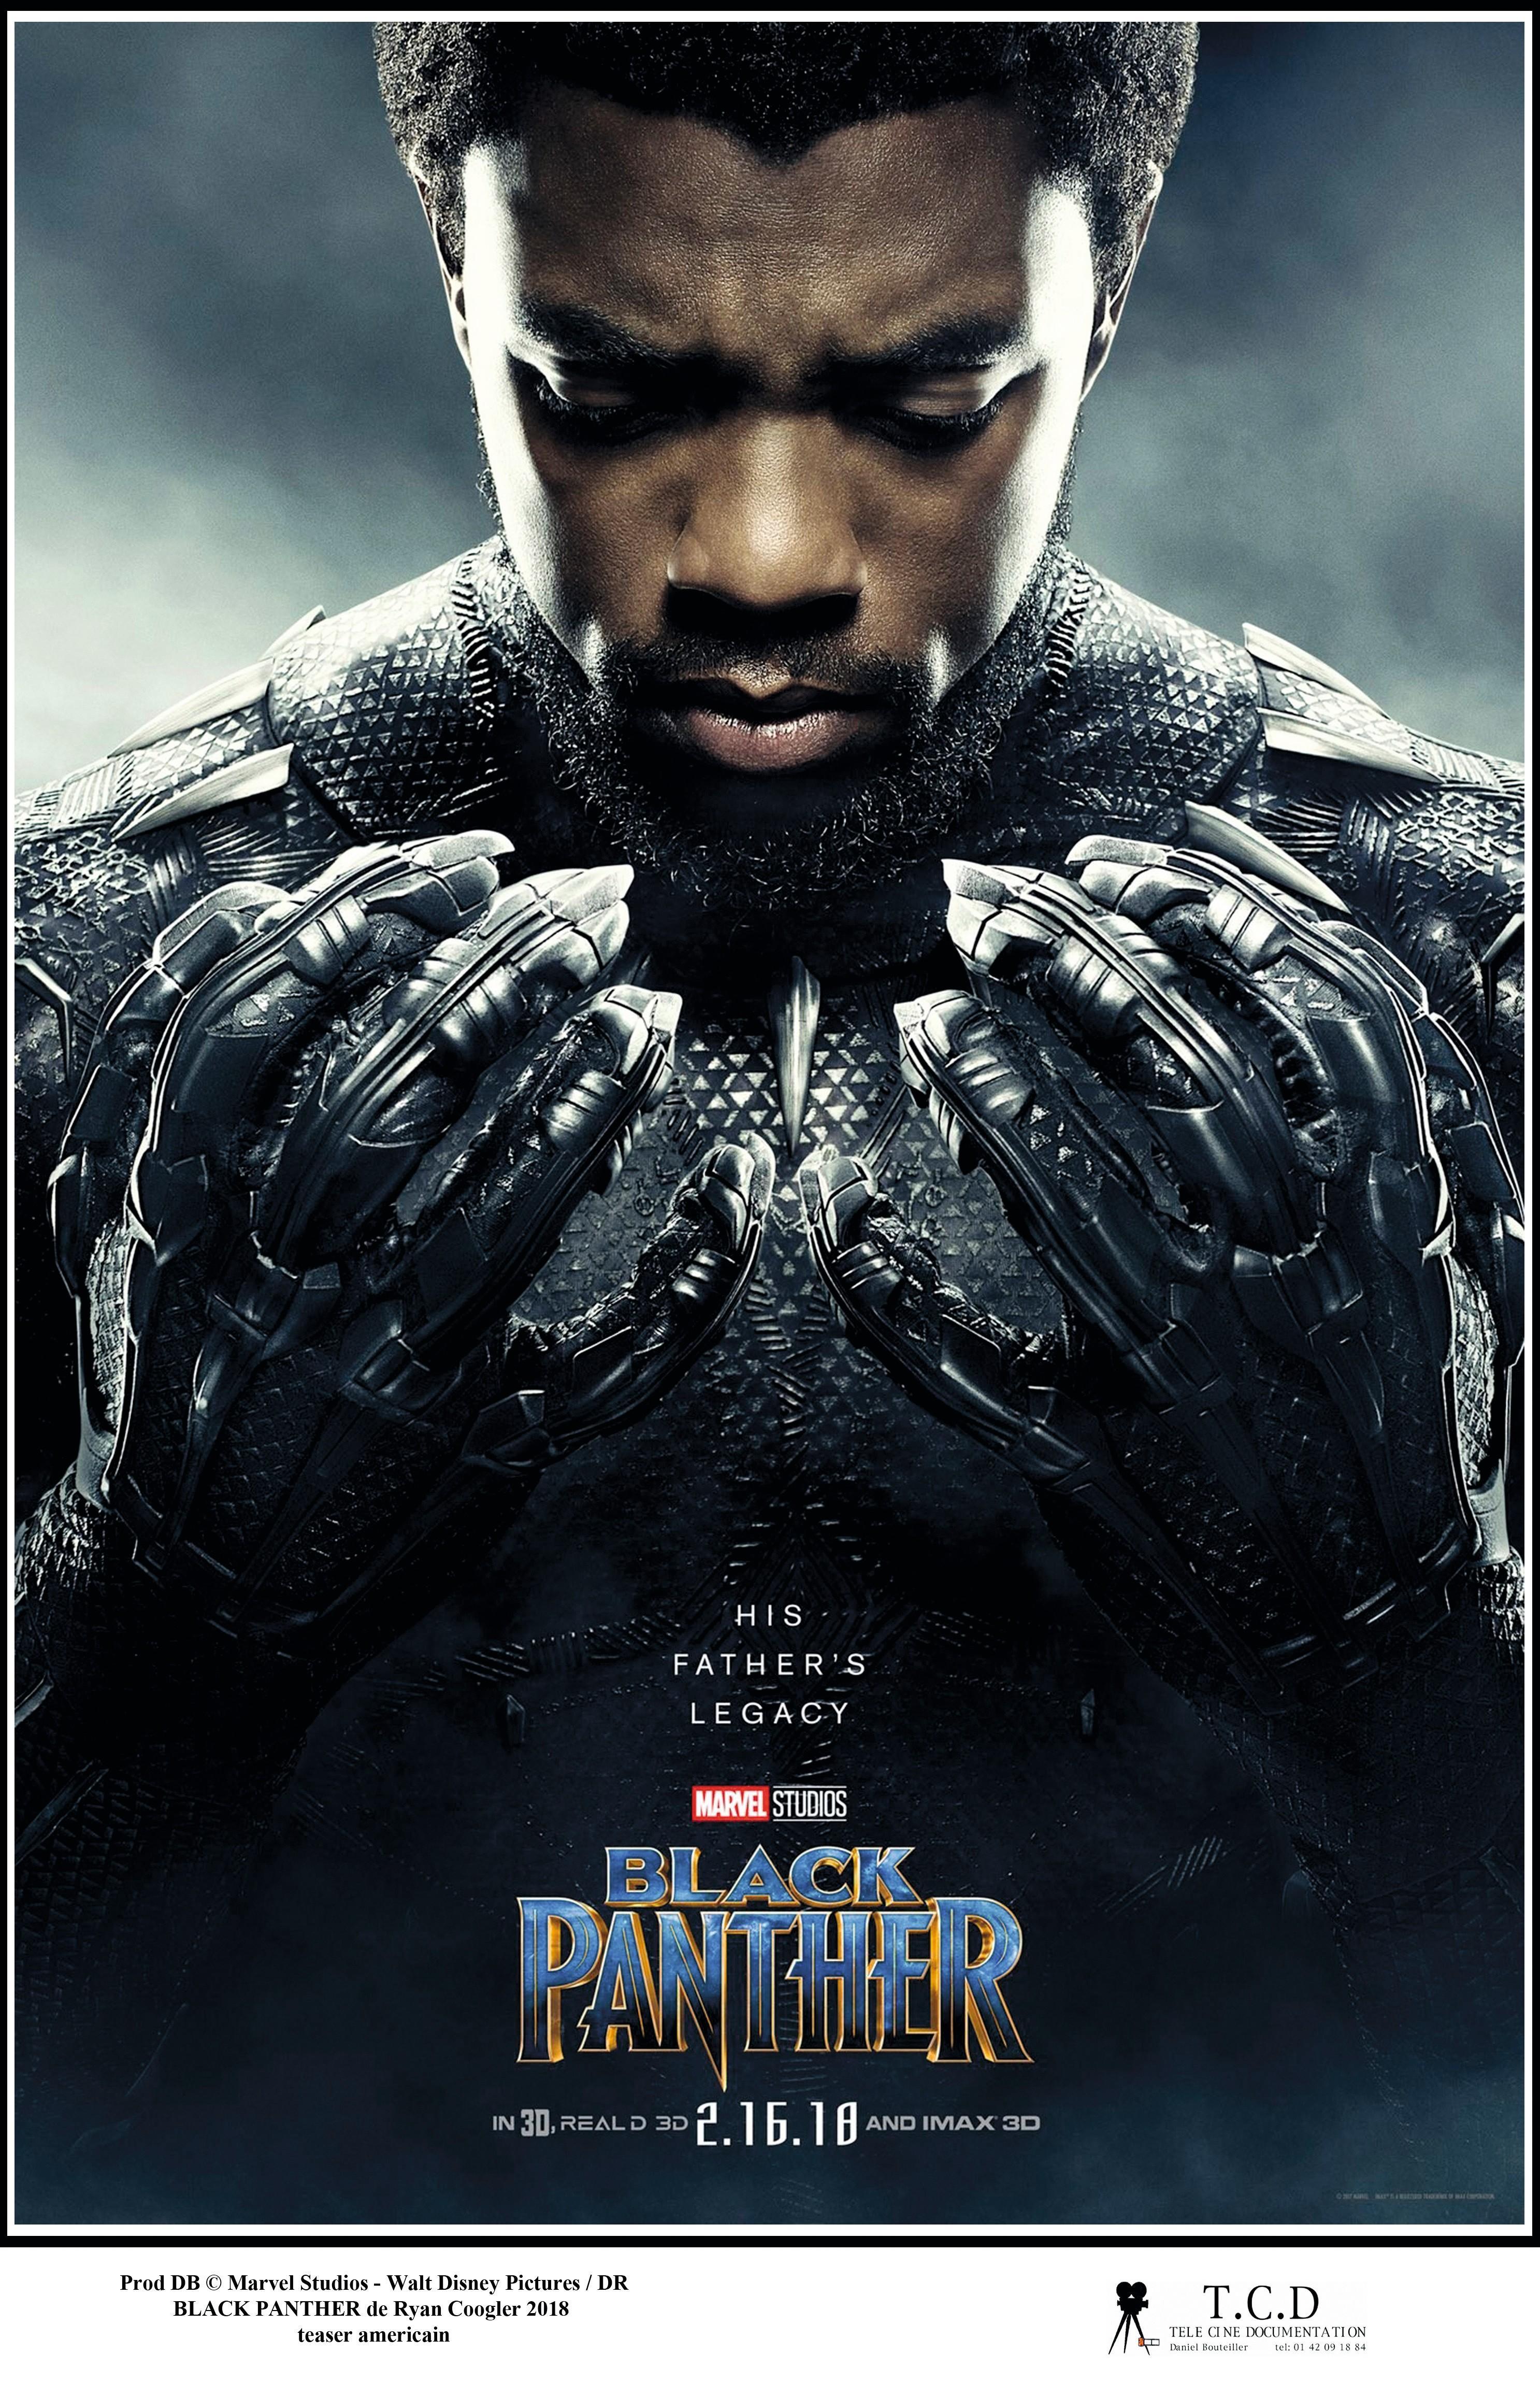 Black Panther, by Ryan Coogler, 2018